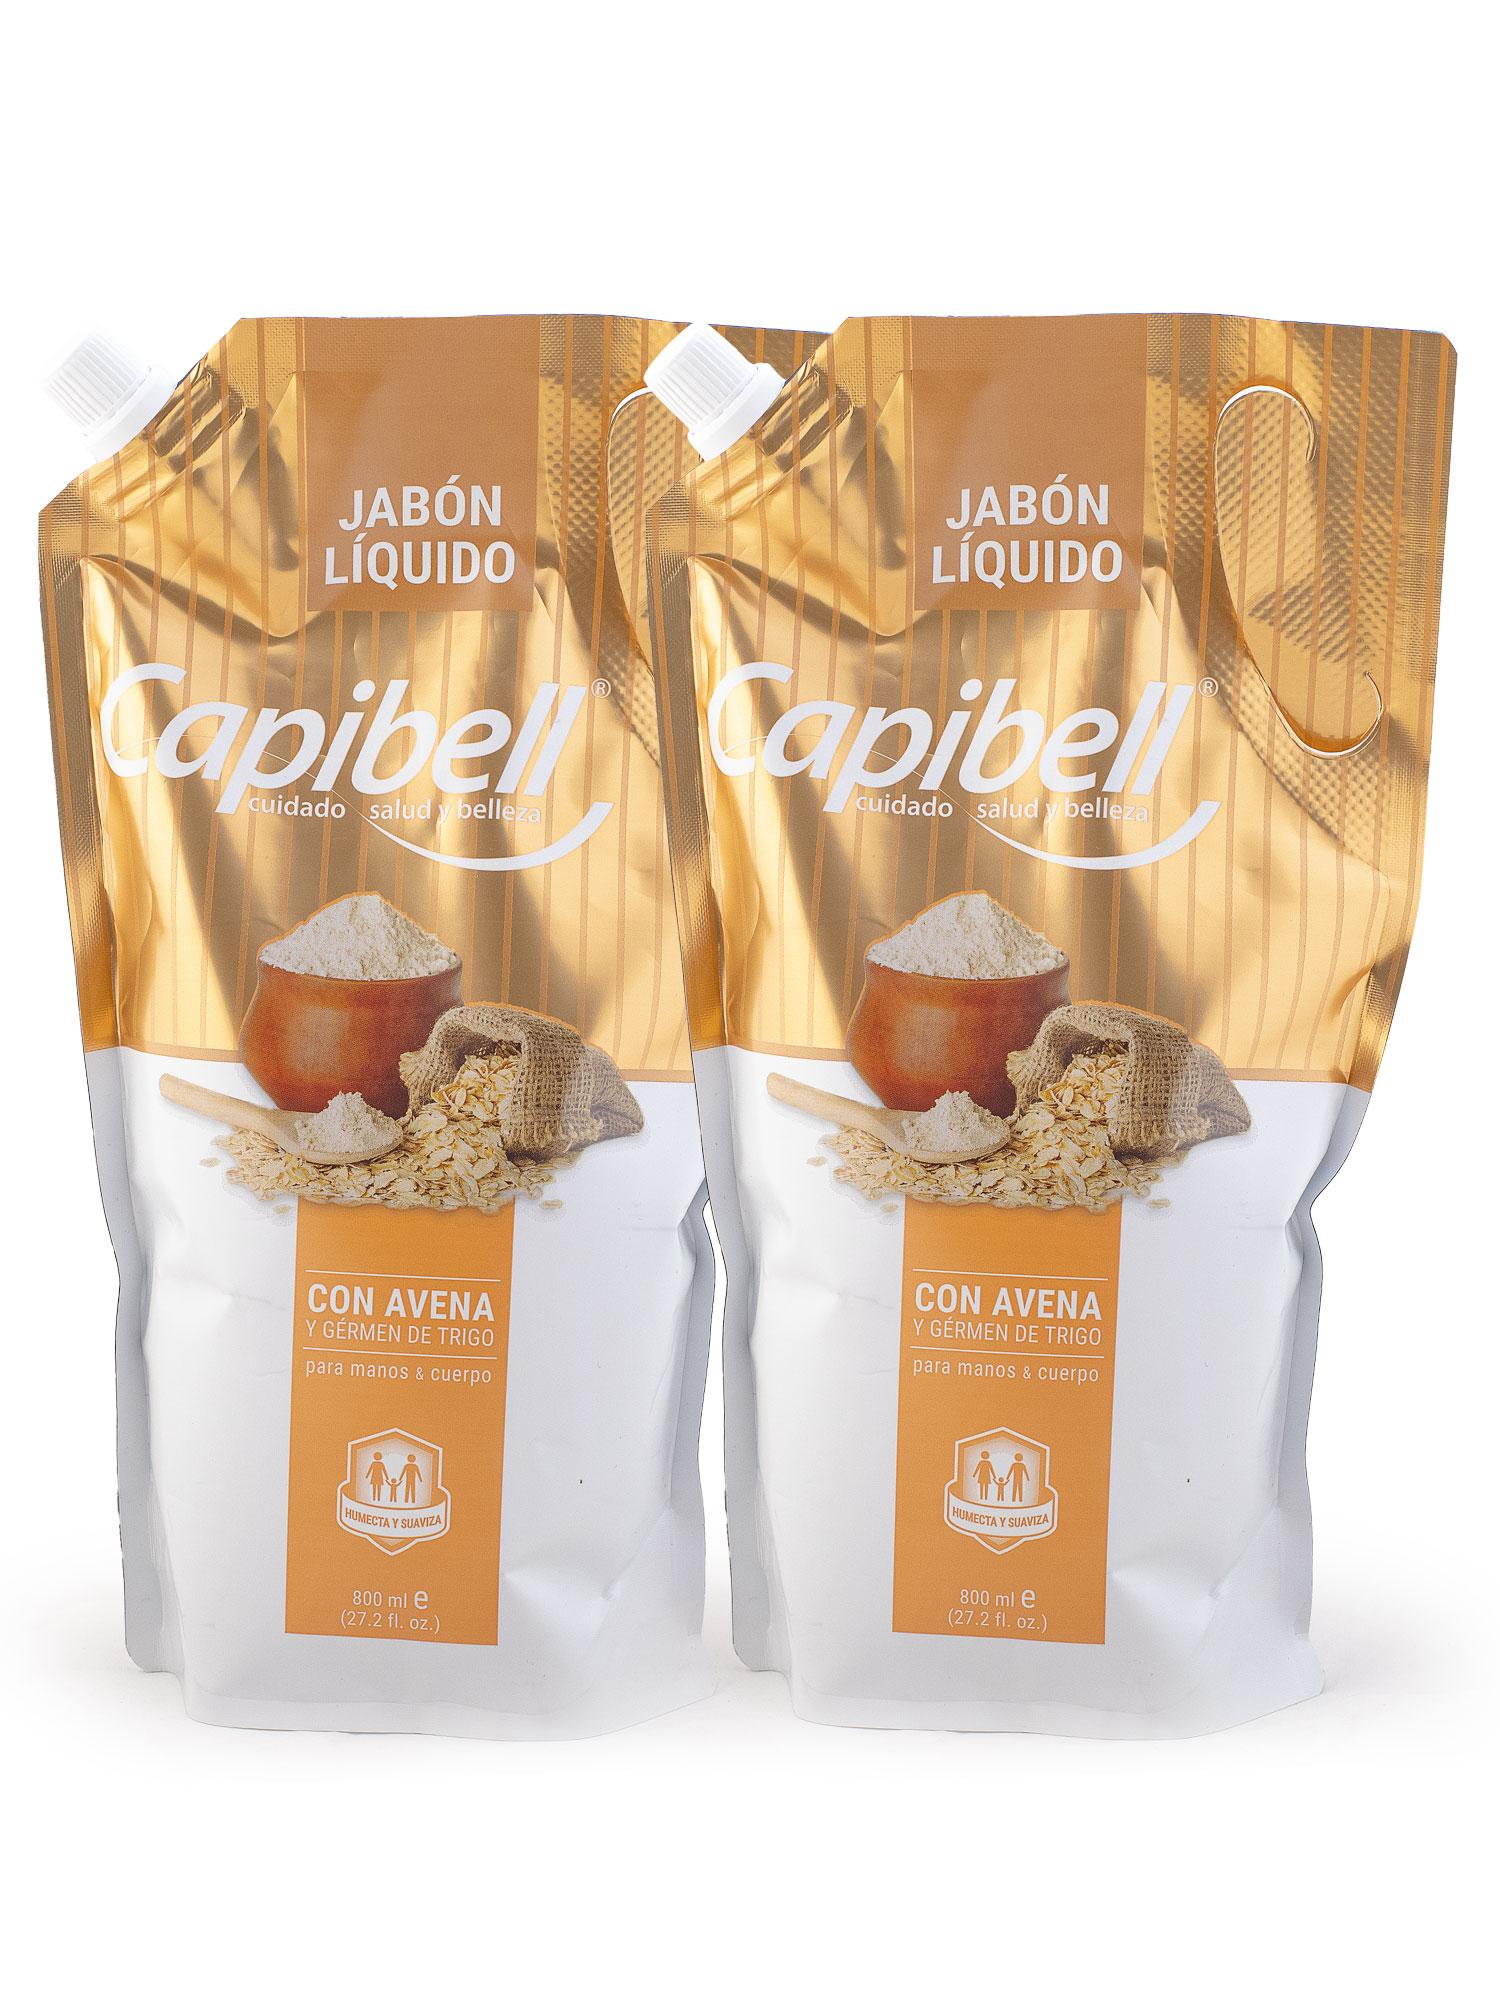 Jabón Liquido Capibell Surtido con Avena y Germen de Trigo 800mlx2pe